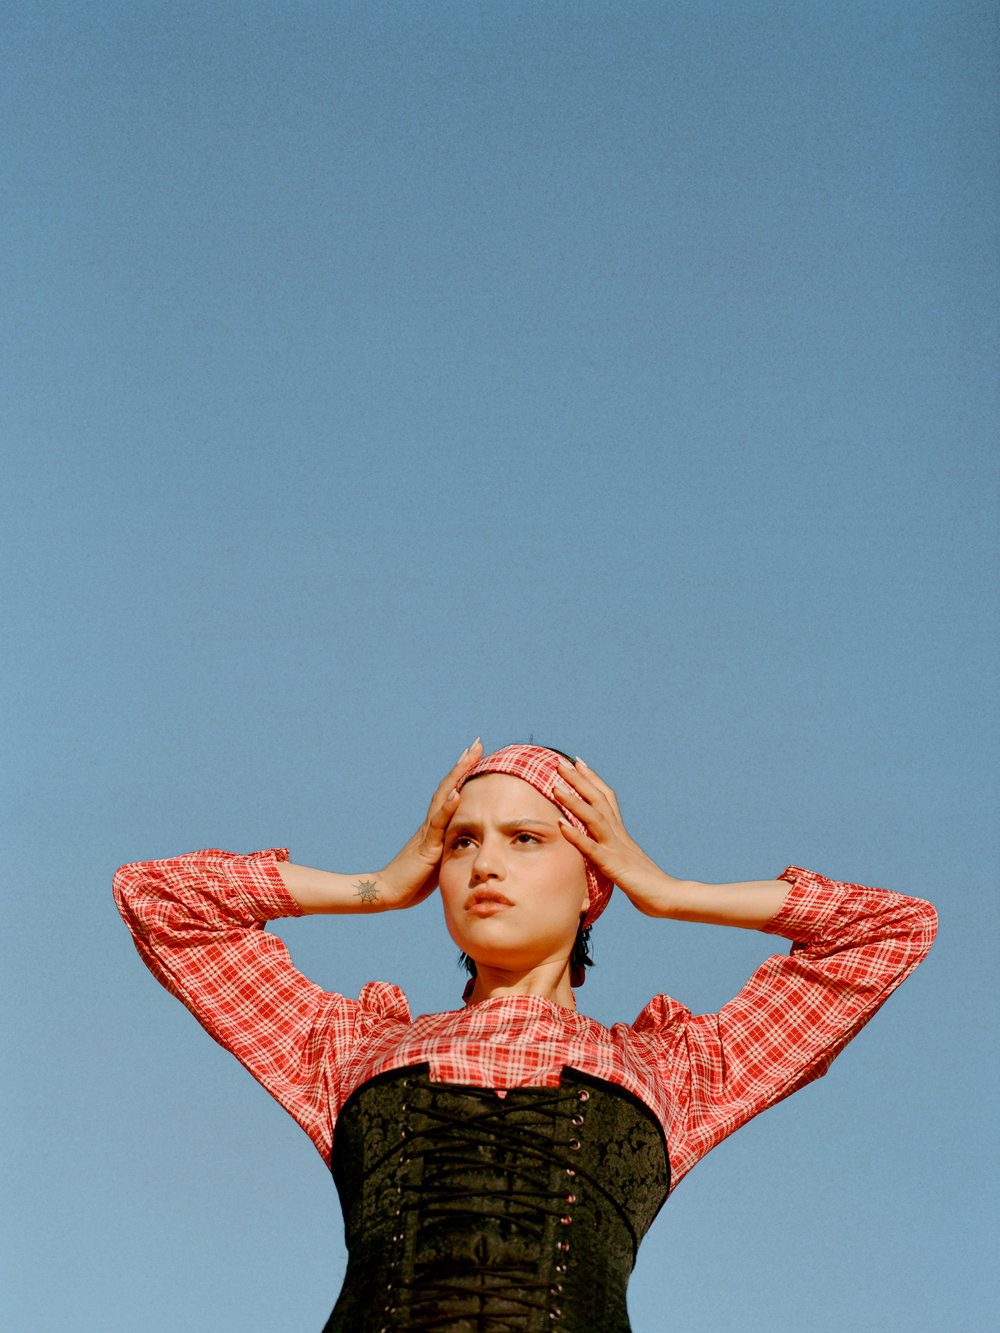 The Break Vintage Gabbriette Jacqueline Harriet Hannah Richtman Coral Sands002.jpg